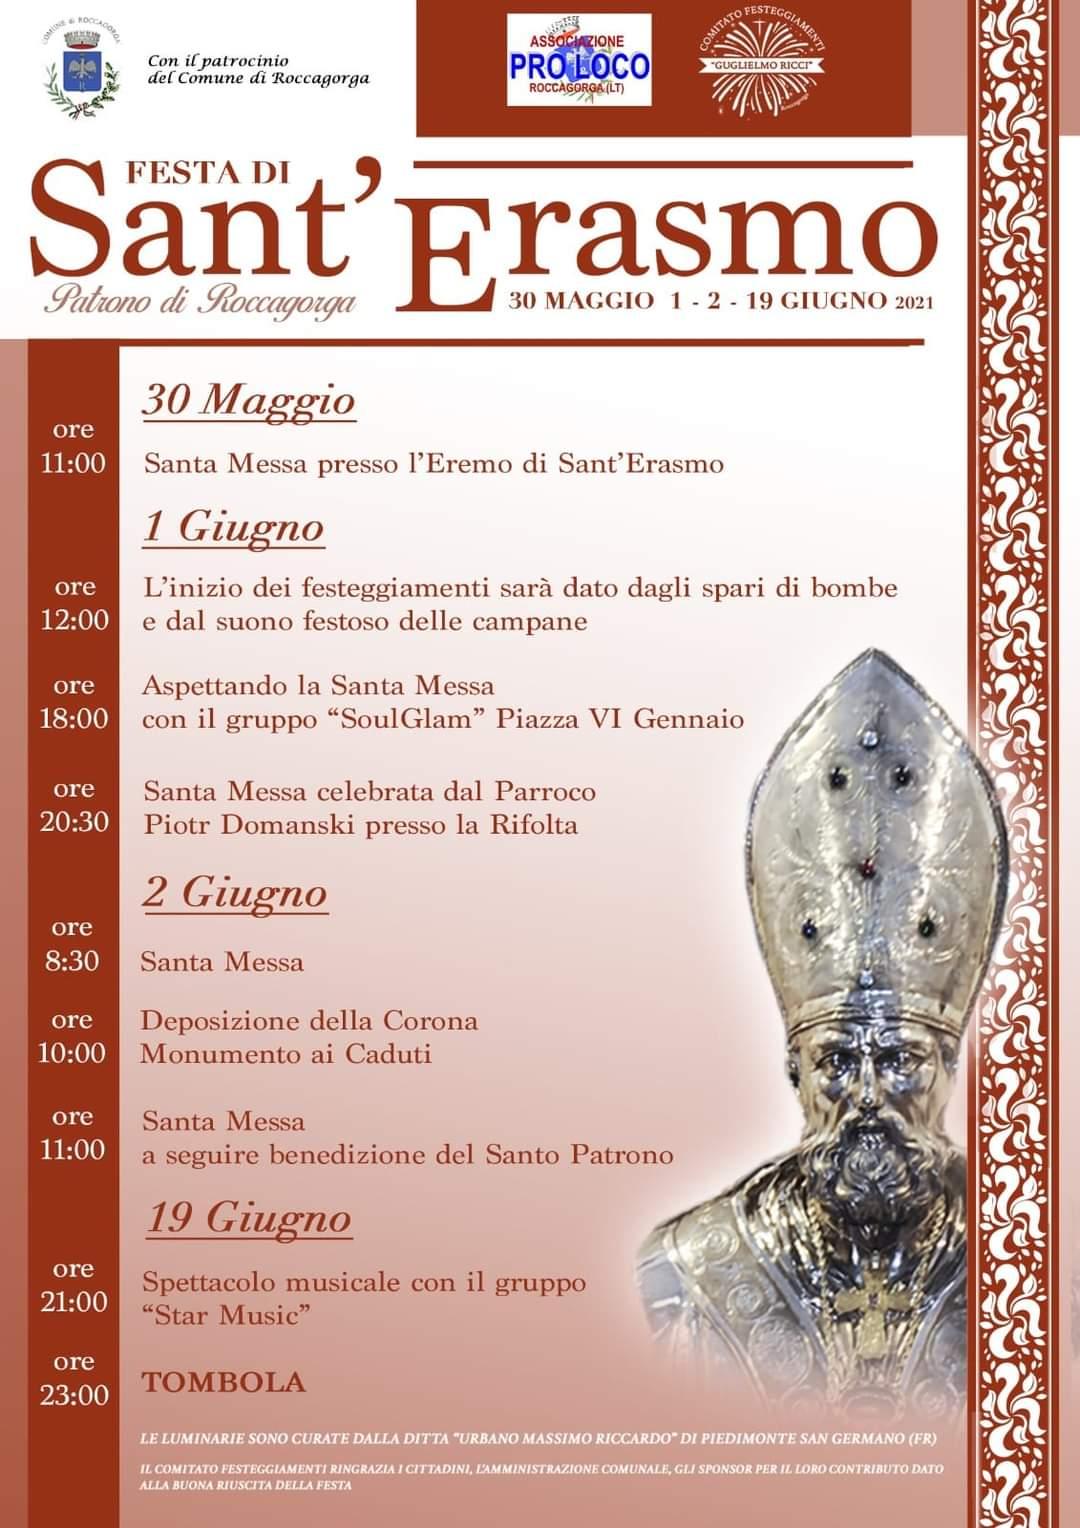 Roccagorga - Festa di Sant' Erasmo 2021 @ Roccagorga